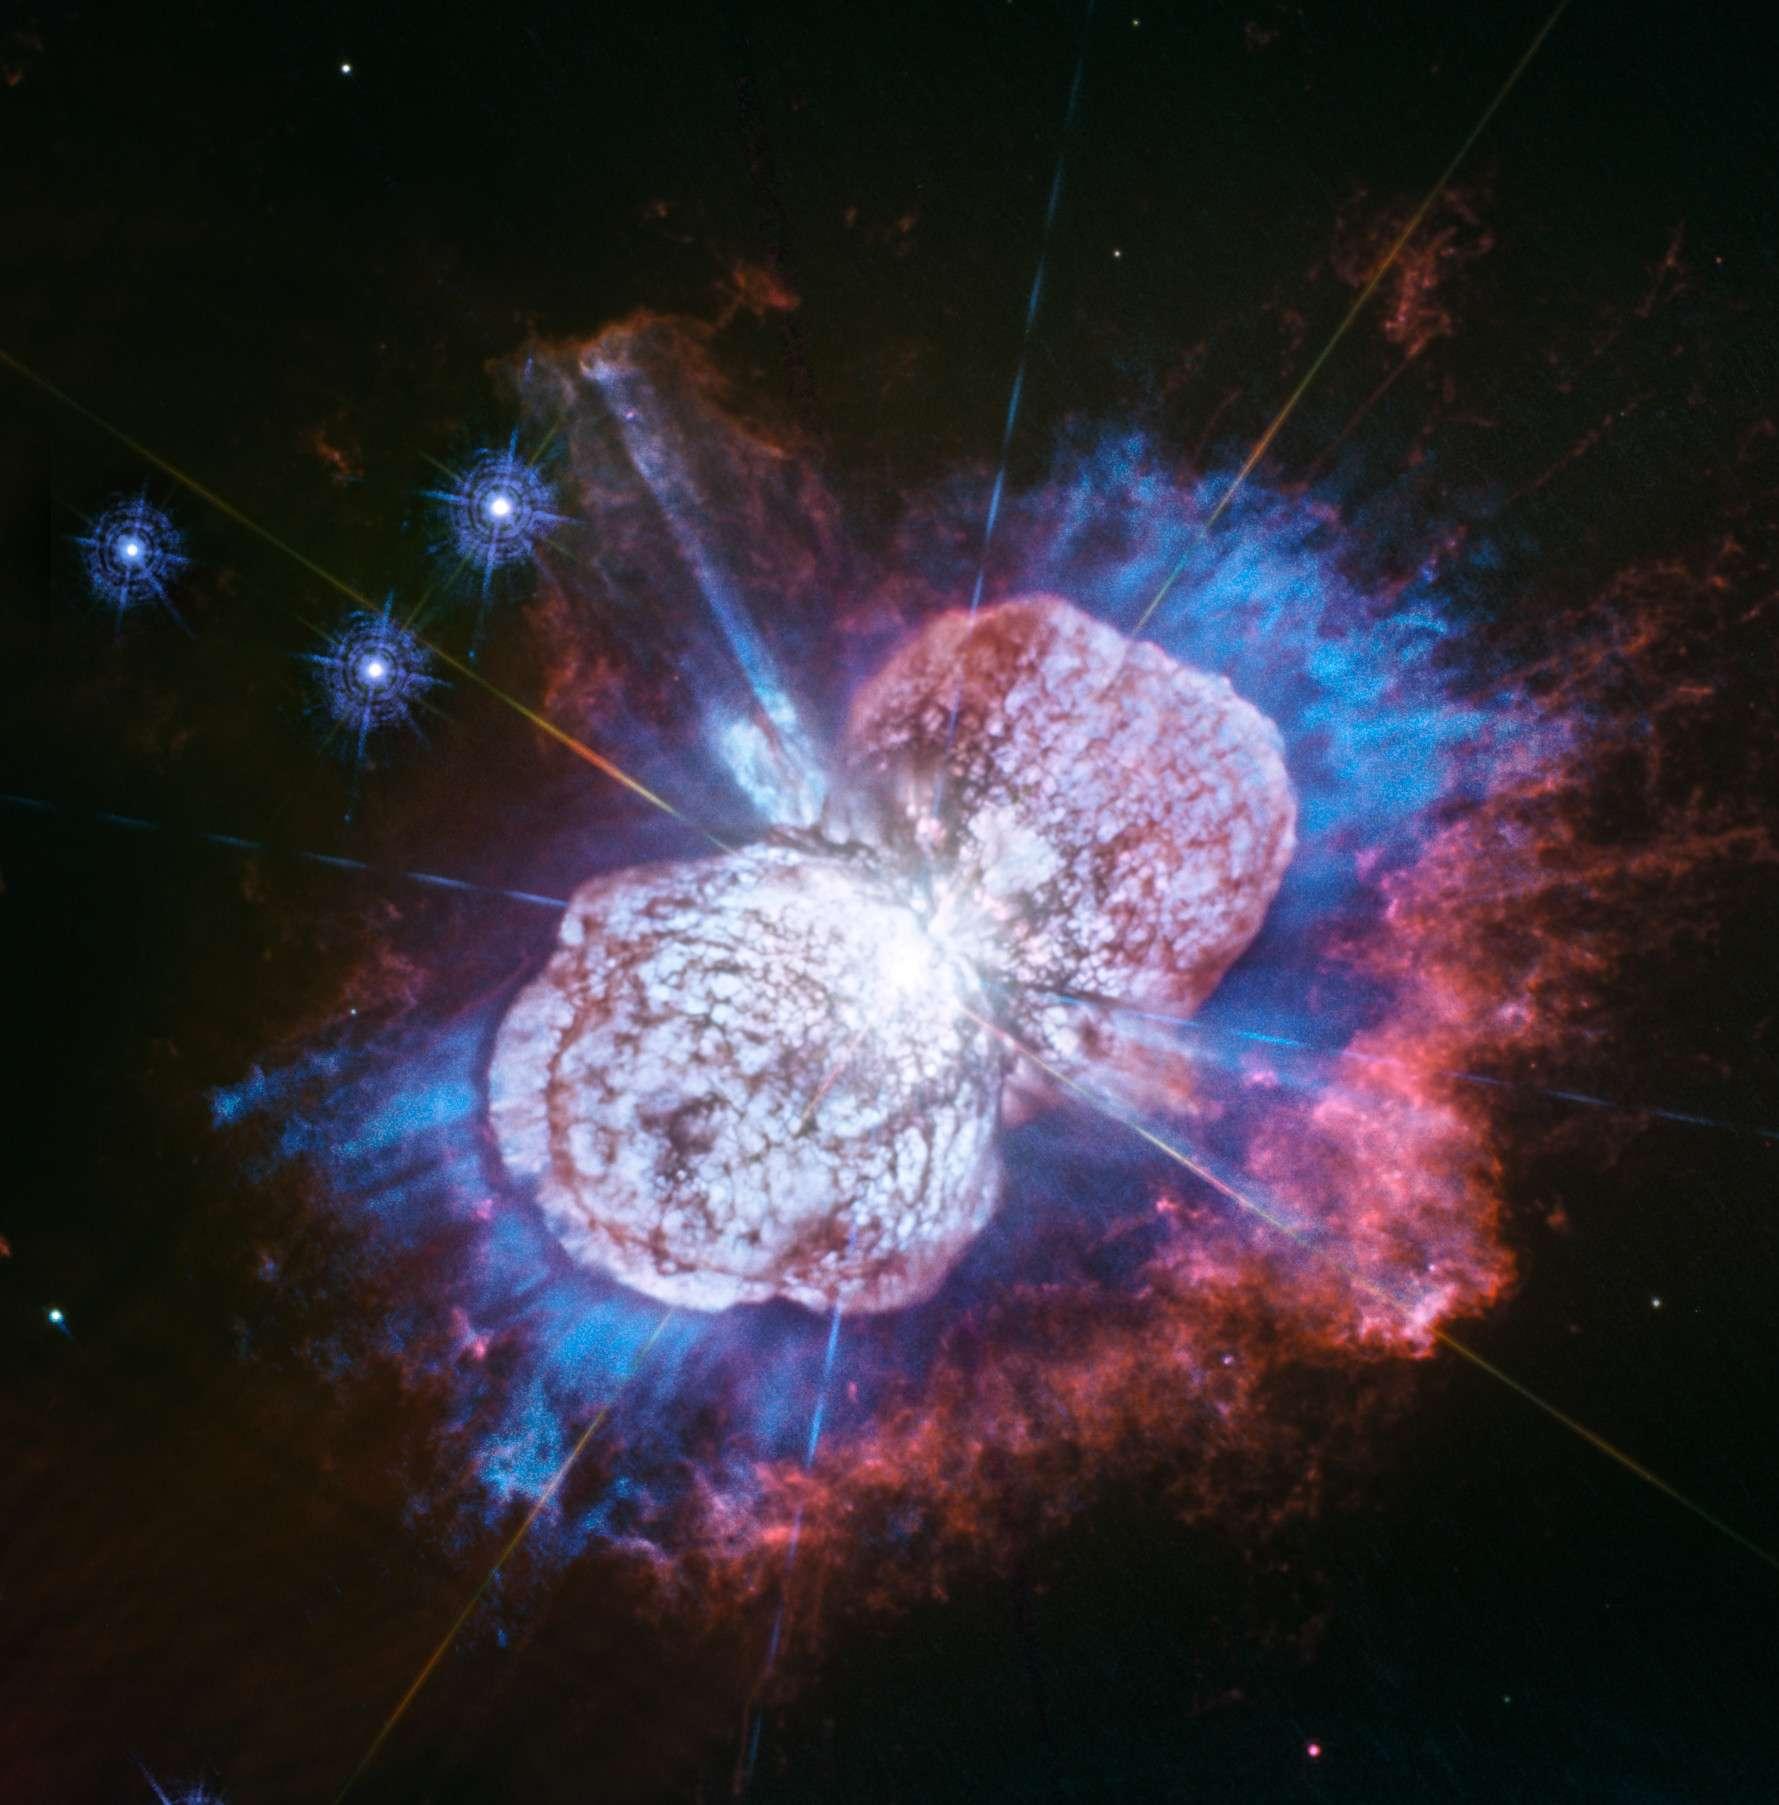 La nébuleuse de l'Homoncule créée par l'explosion de l'étoile principale du système stellaire d'Eta Carinae vue dans l'ultraviolet par Hubble contient une masse de gaz riche en magnésium (bleu) jusque-là insoupçonnée par les astronomes, située dans l'espace entre ses lobes de gaz et de poussière (blanc-rose) et les filaments d'azote (rouge). © Nasa, ESA, N. Smith (University of Arizona, Tucson), and J. Morse (BoldlyGo Institute, New York)